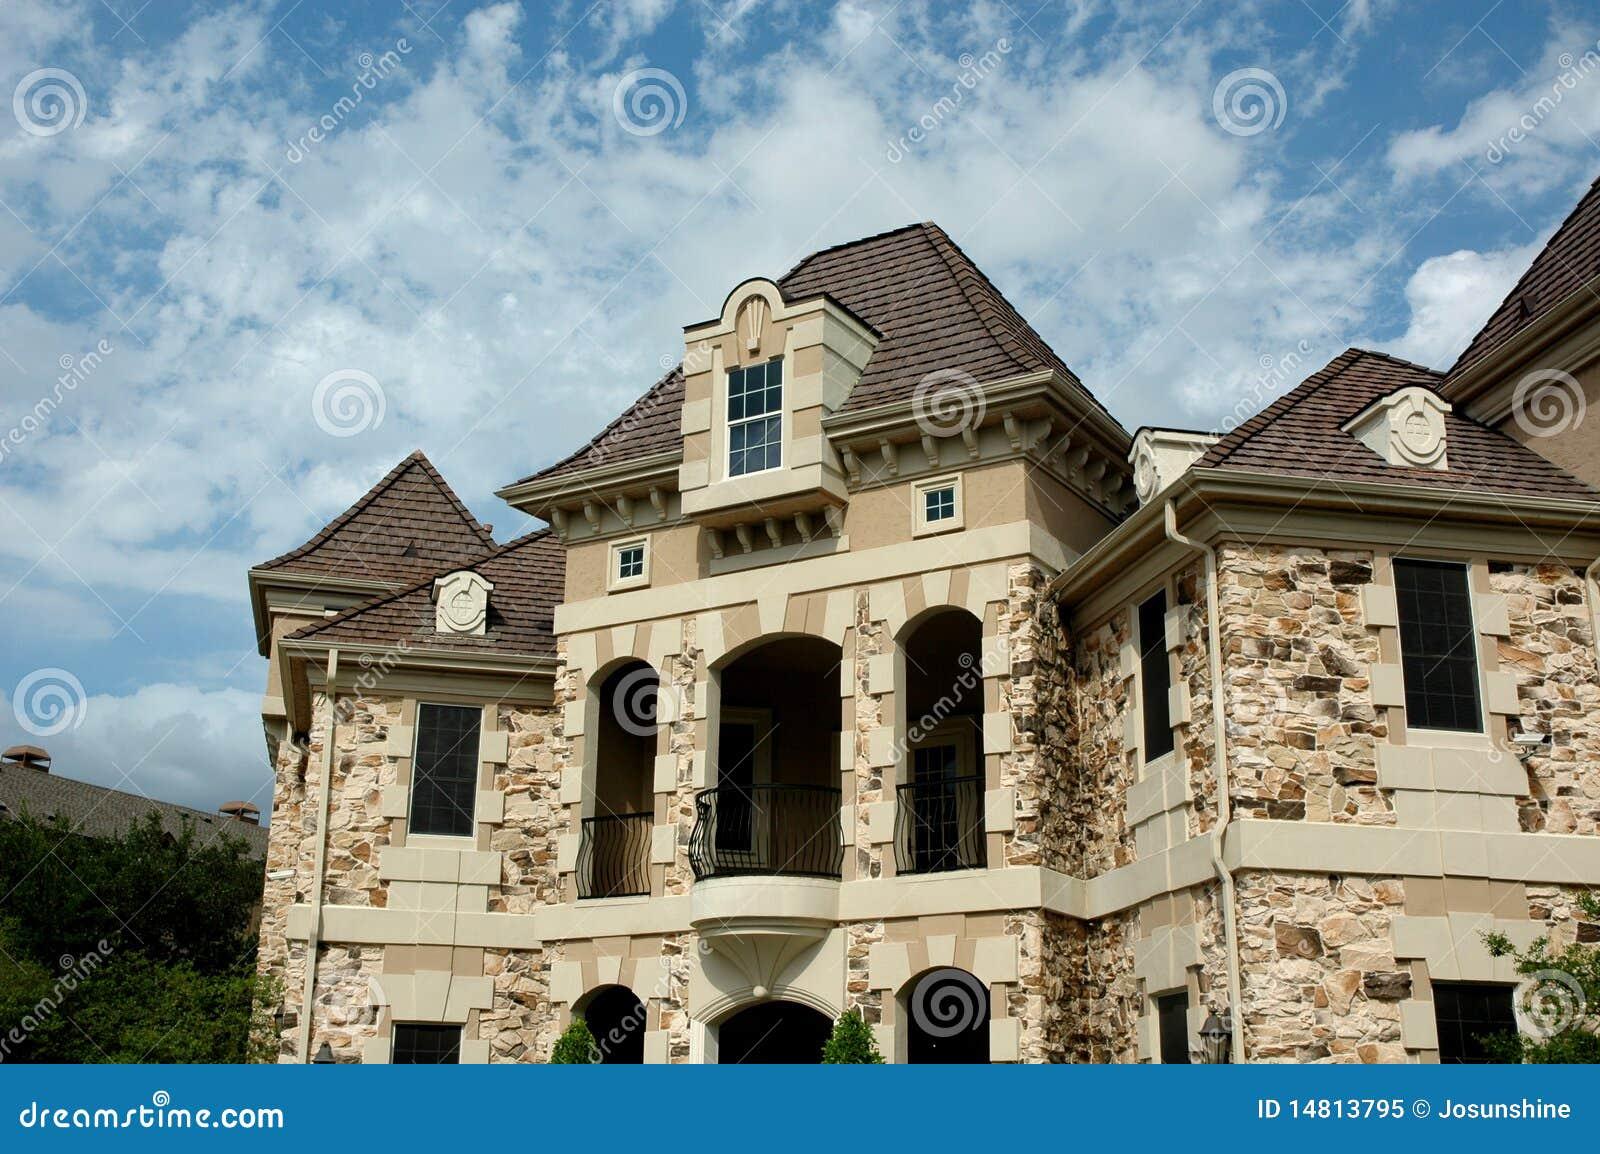 Luxury Stone House Royalty Free Stock Photo Image 14813795